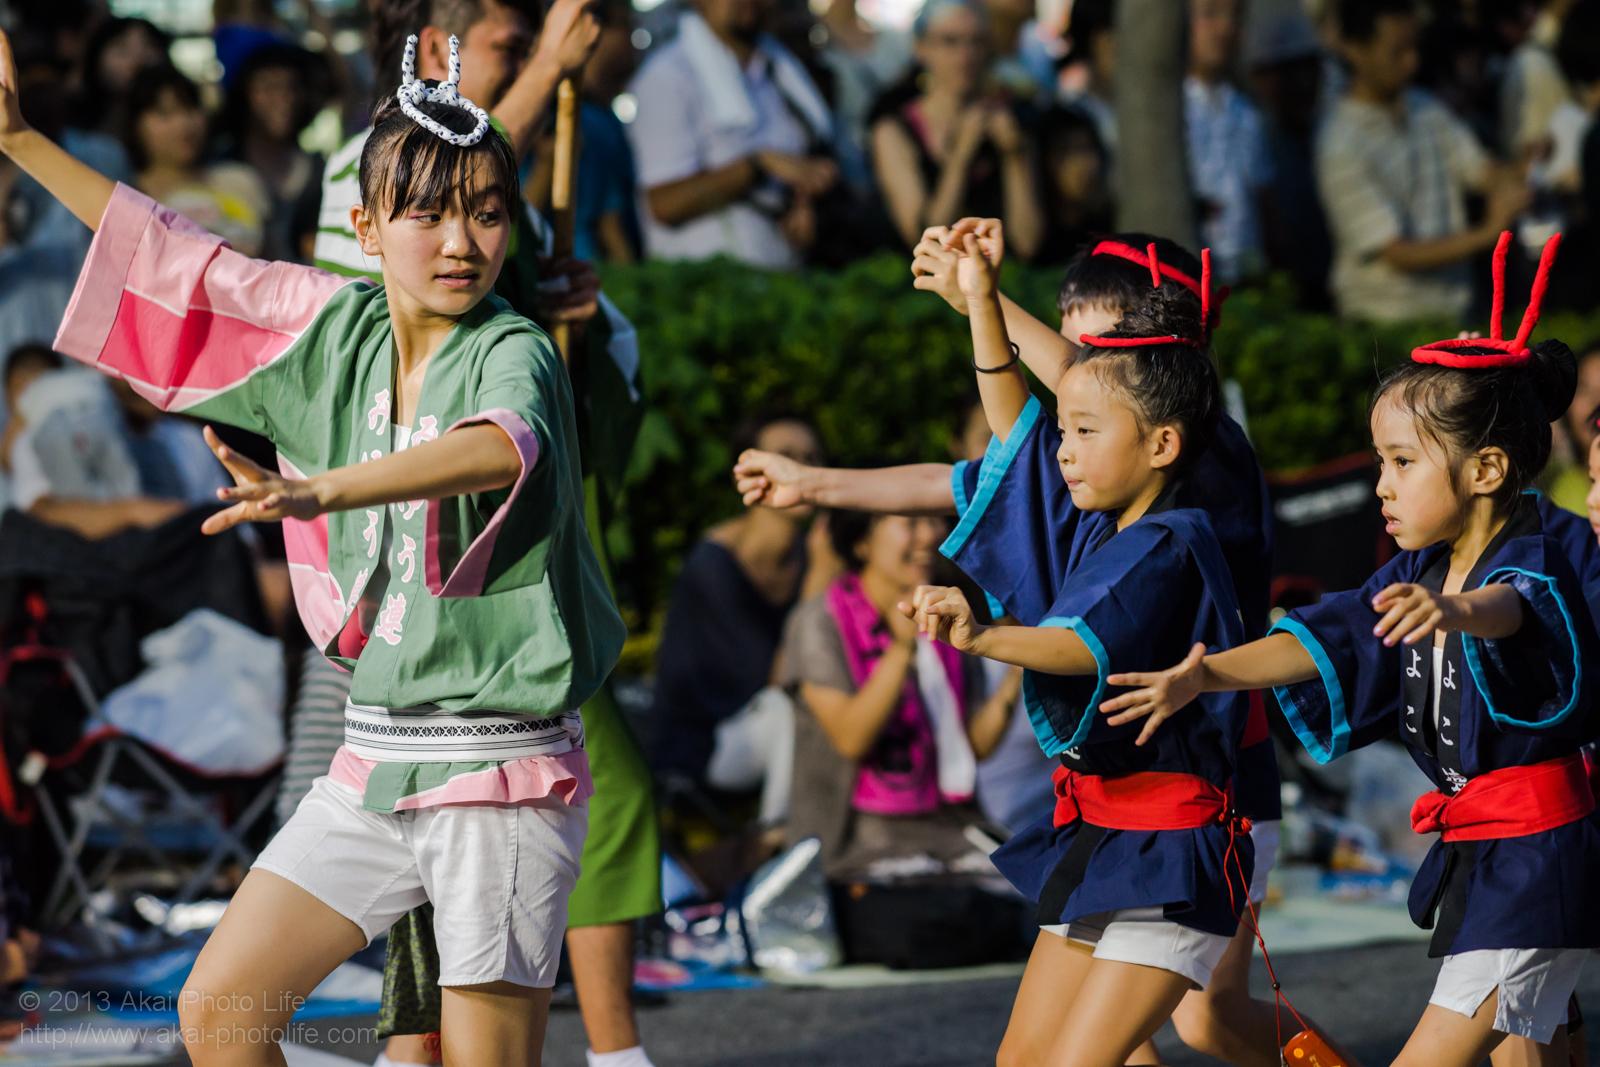 高円寺阿波踊り 美遊ひよこ連の子供達による男踊り